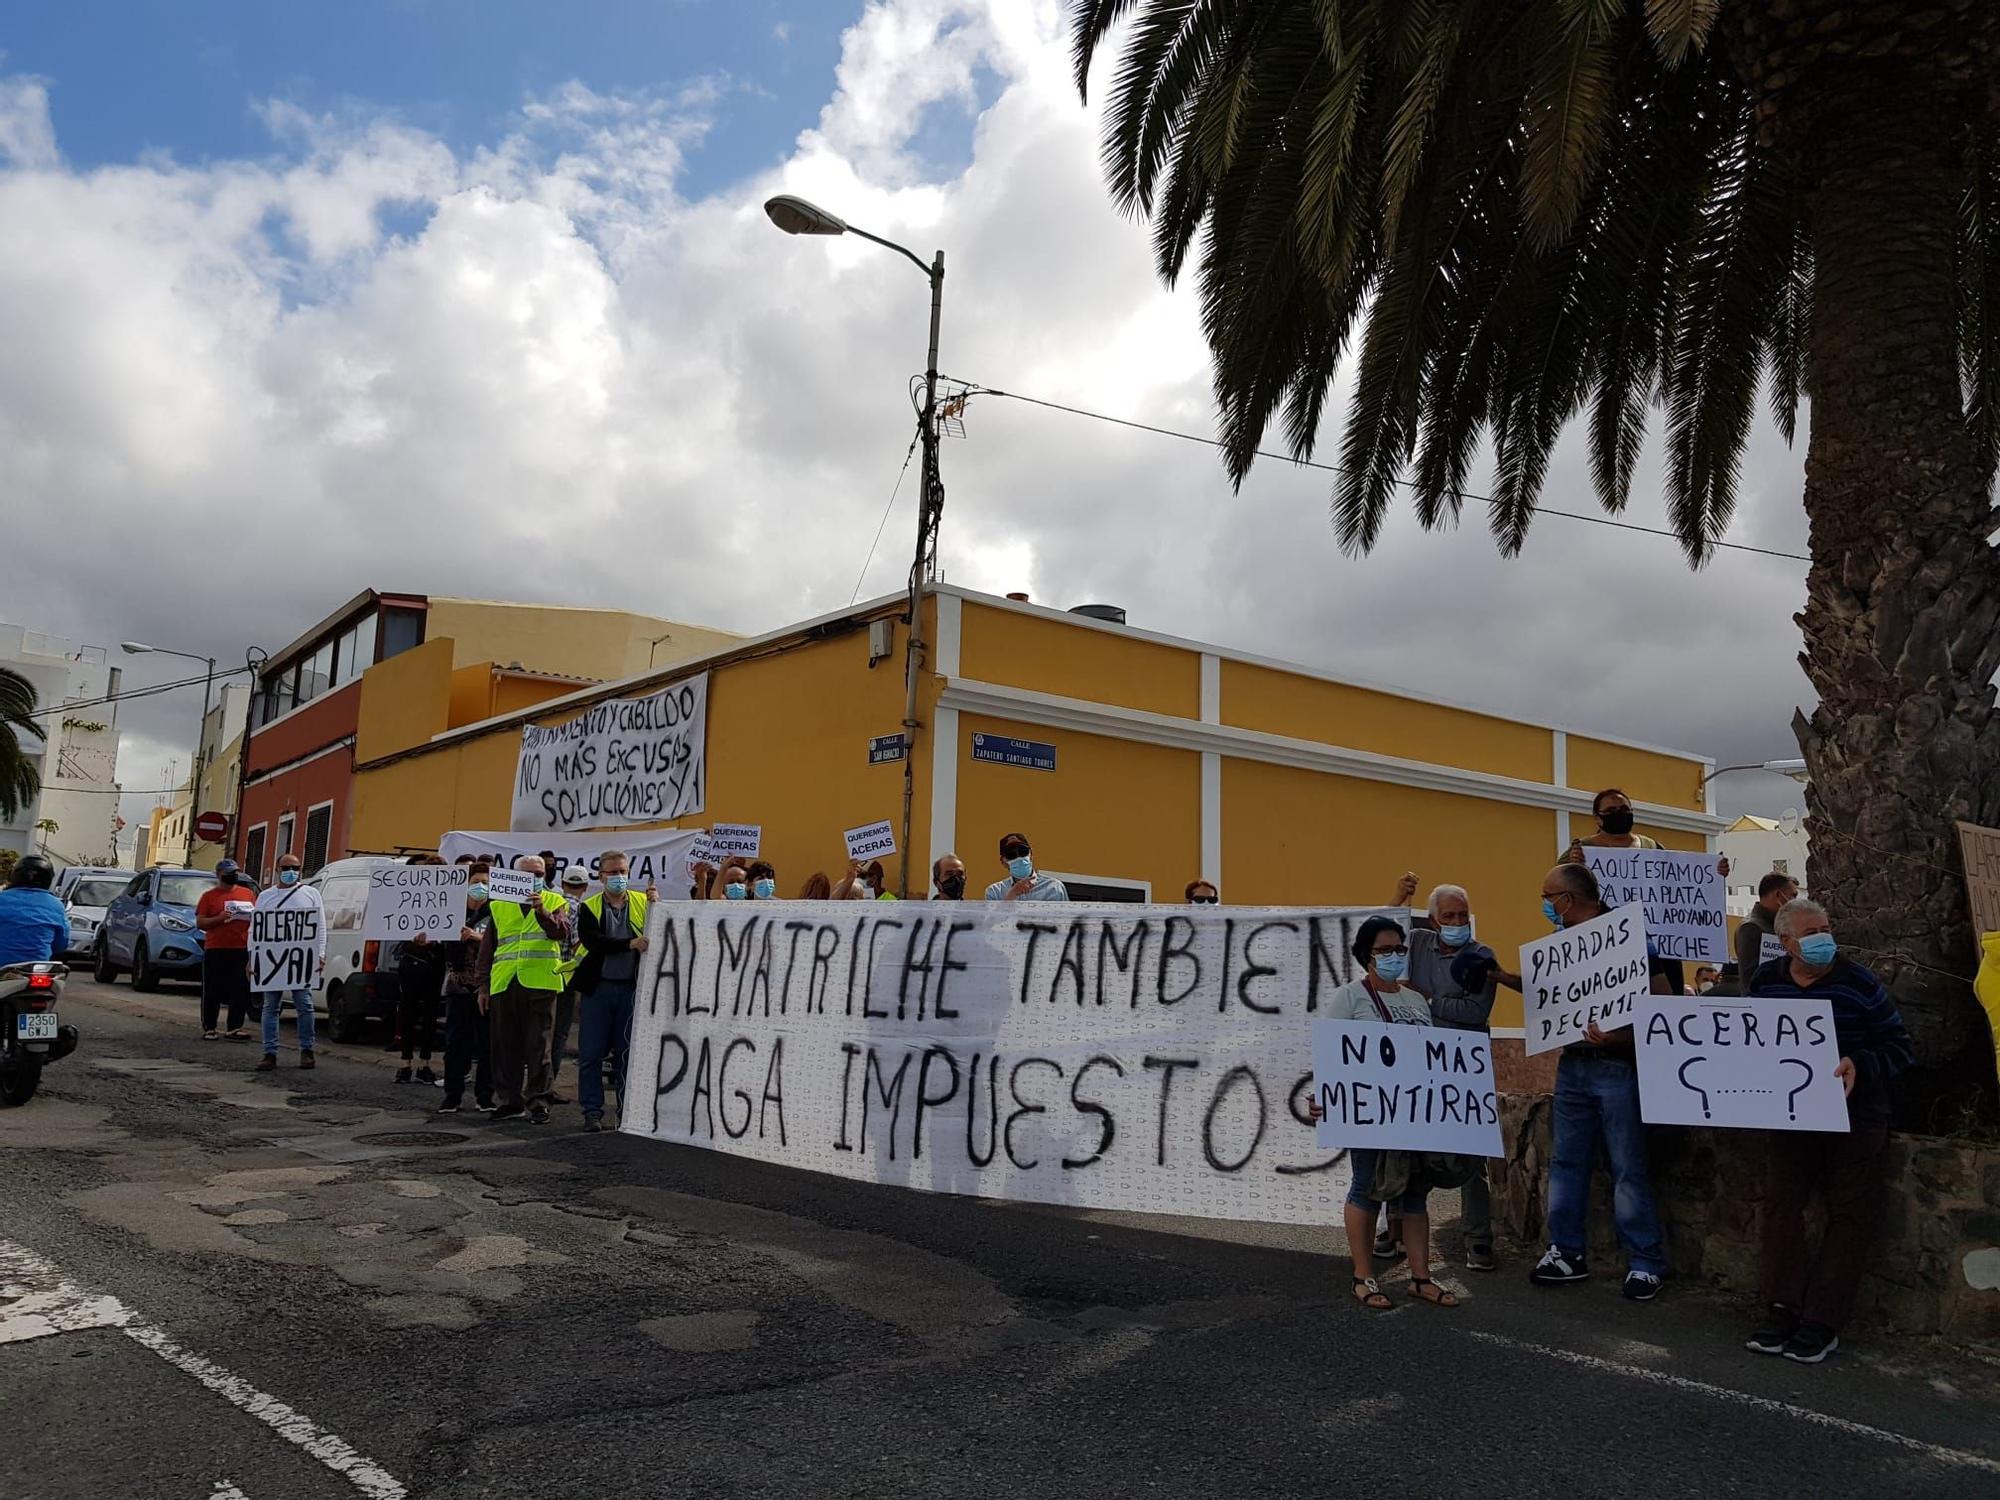 Los vecinos de Almatriche Bajo se movilizan para reclamar la creación de aceras